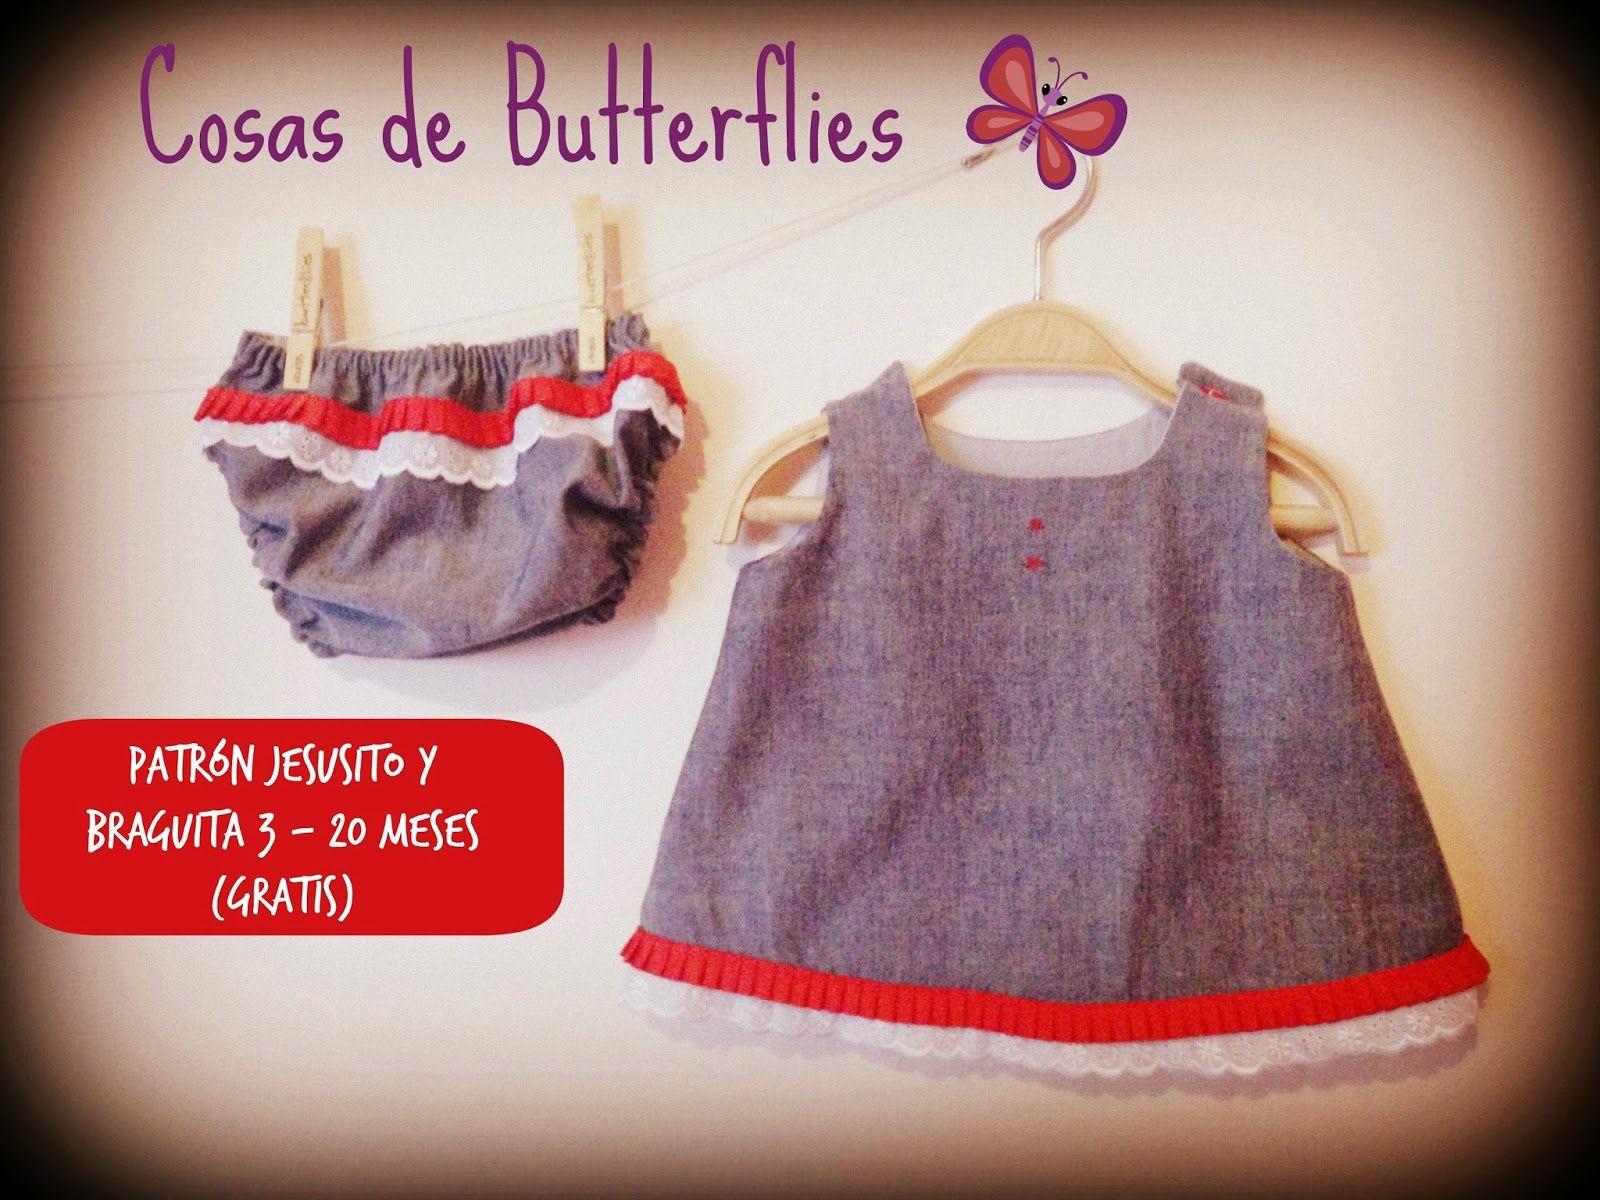 Cosas de Butterflies: Patrón gratis vestido bebé (jesusito) tallas 3-20 meses